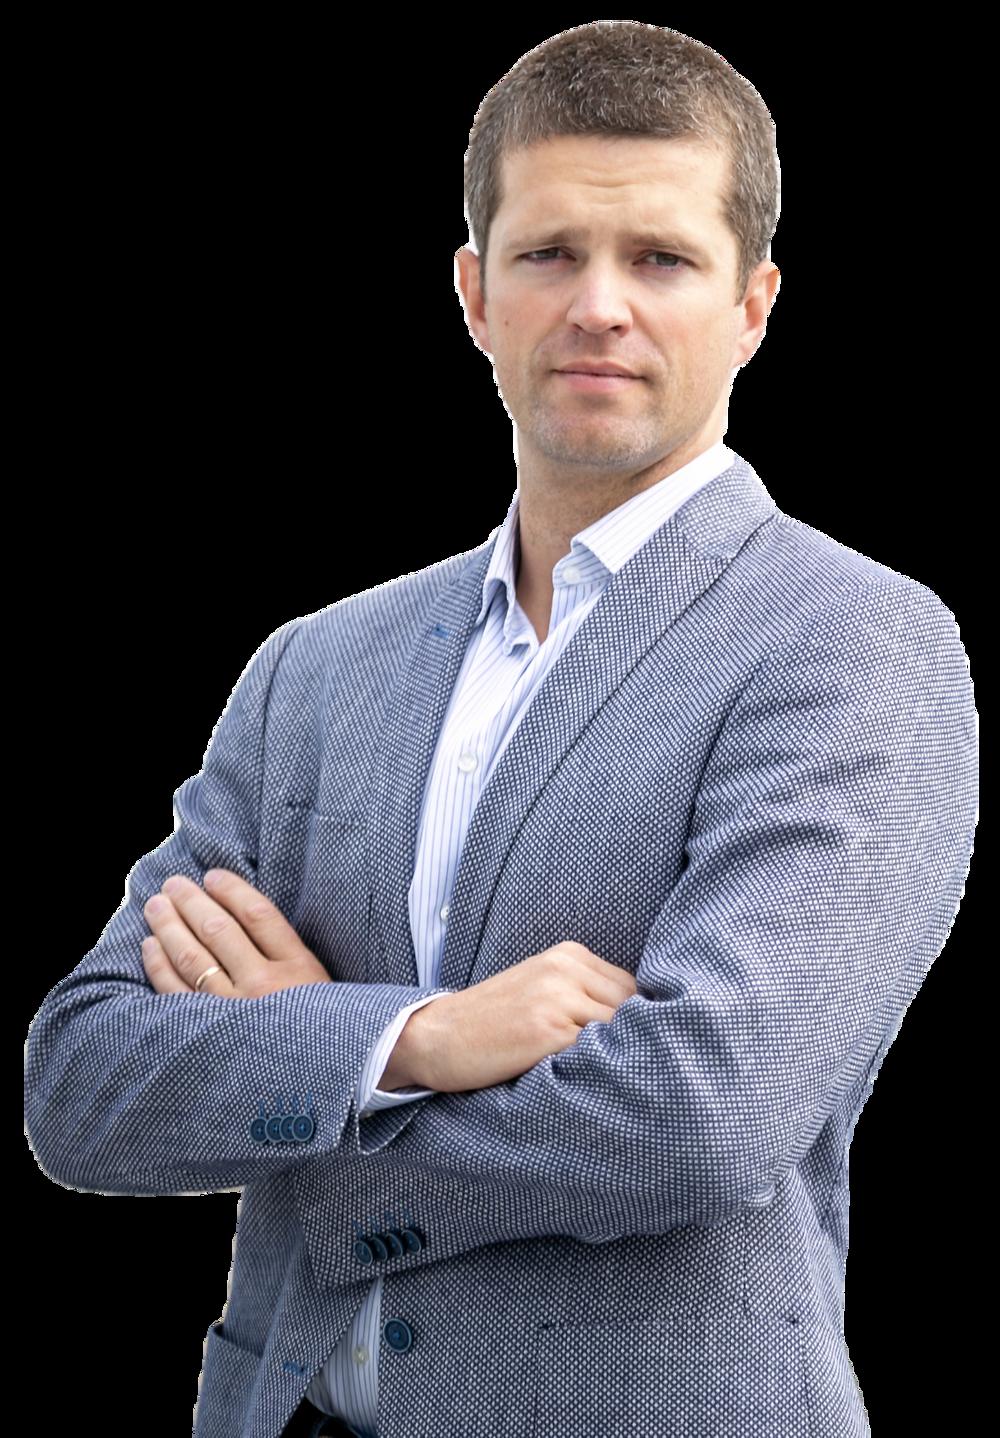 Anatoliy Medvedchuk, Software Architect at JEVERA